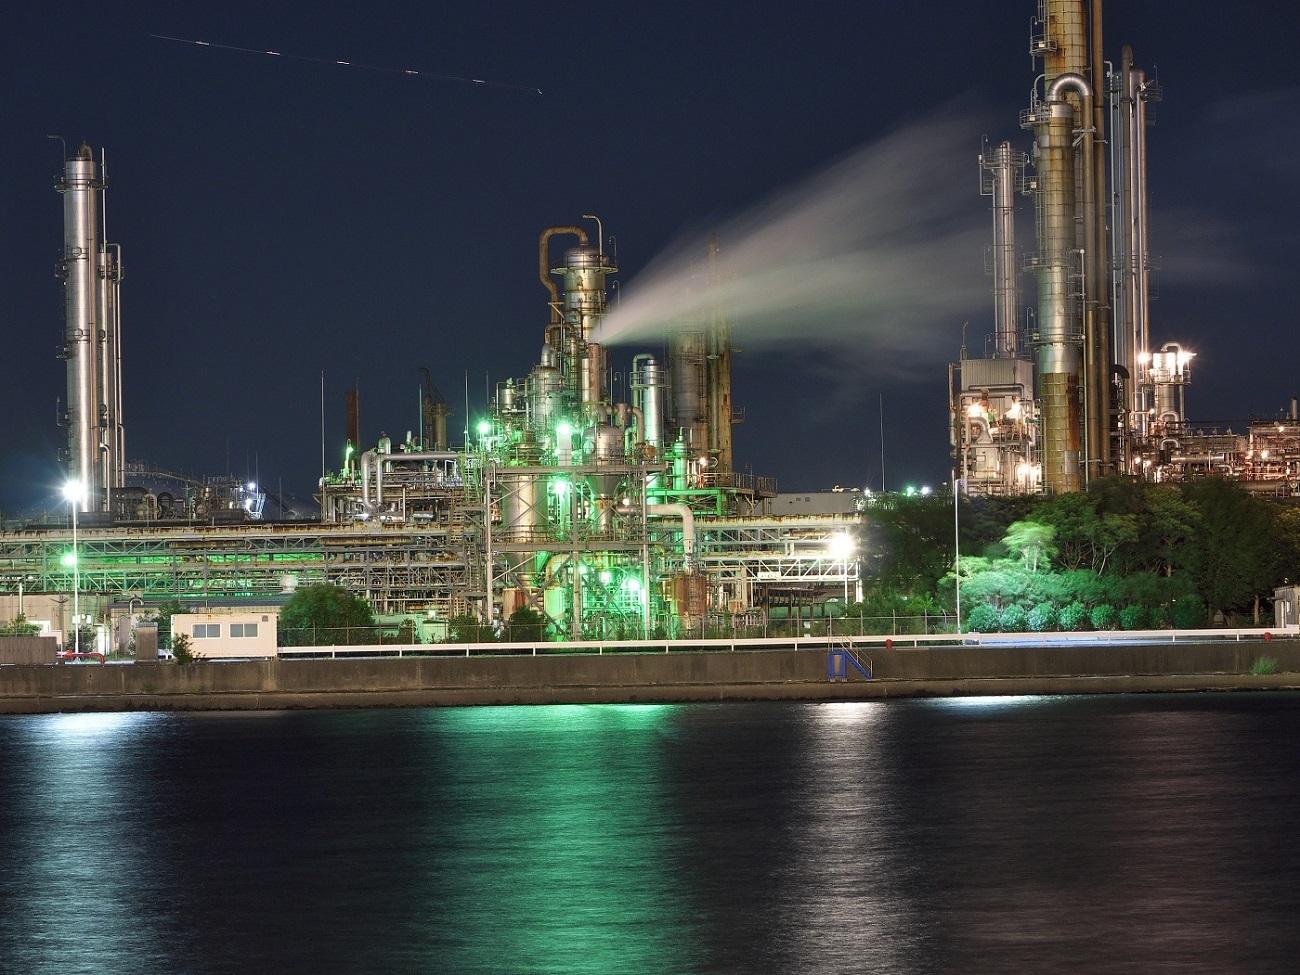 四日市の工場夜景_c0294553_04390422.jpg